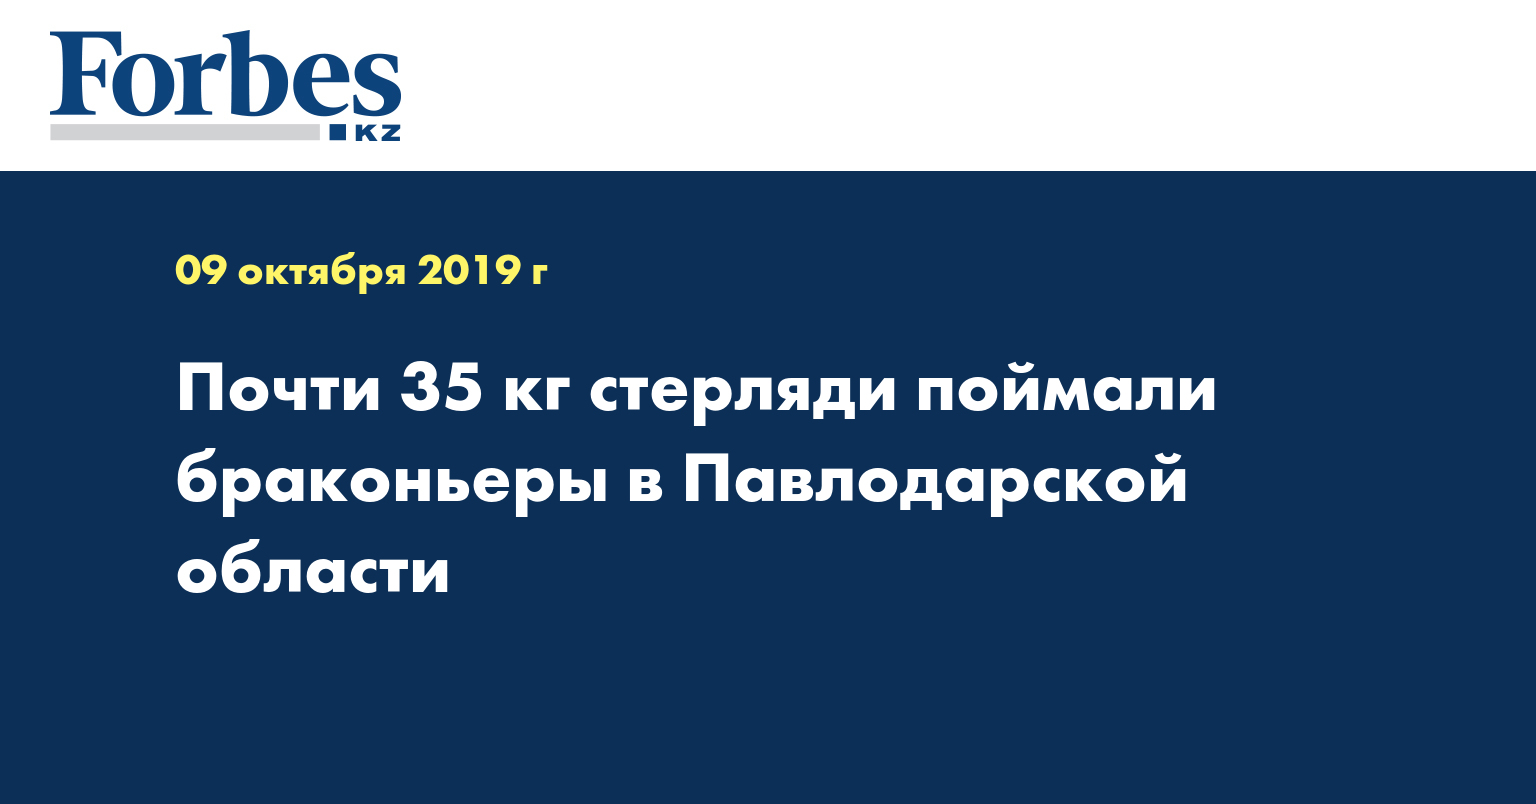 Почти 35 кг стерляди поймали браконьеры в Павлодарской области